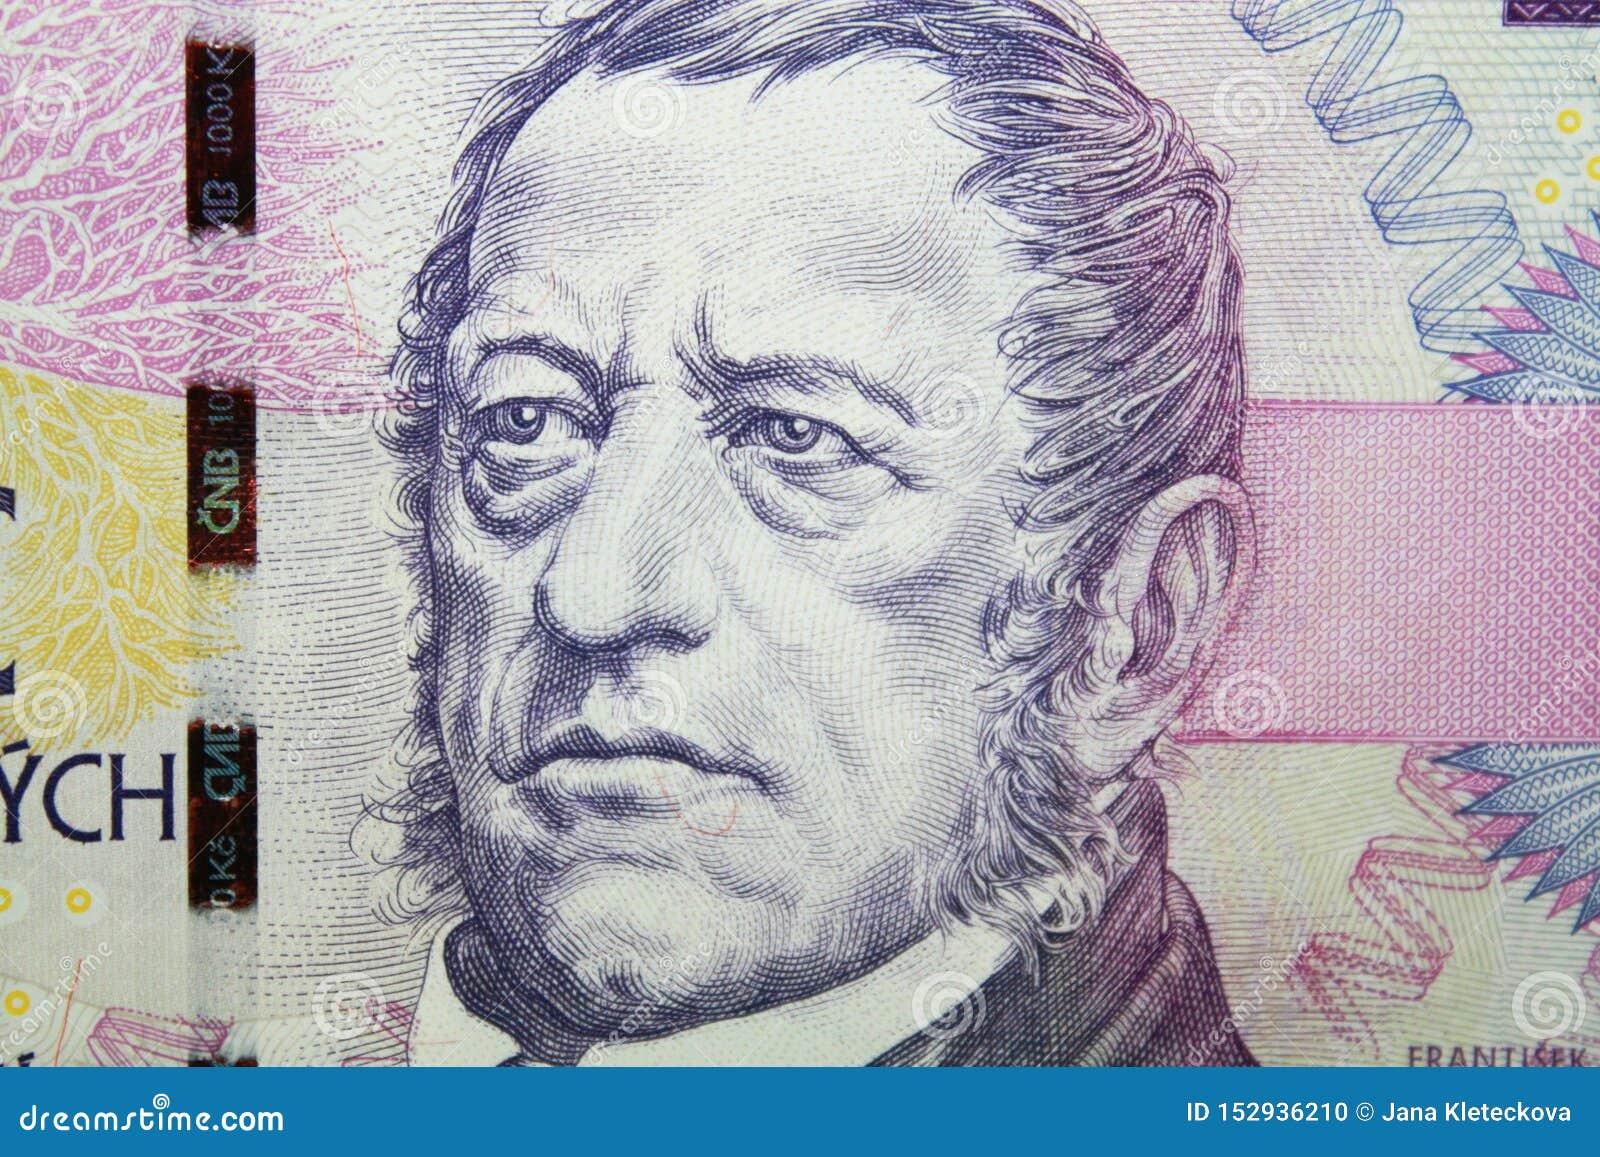 捷克细节加冠与弗朗蒂塞克帕拉茨基画象的一千张钞票